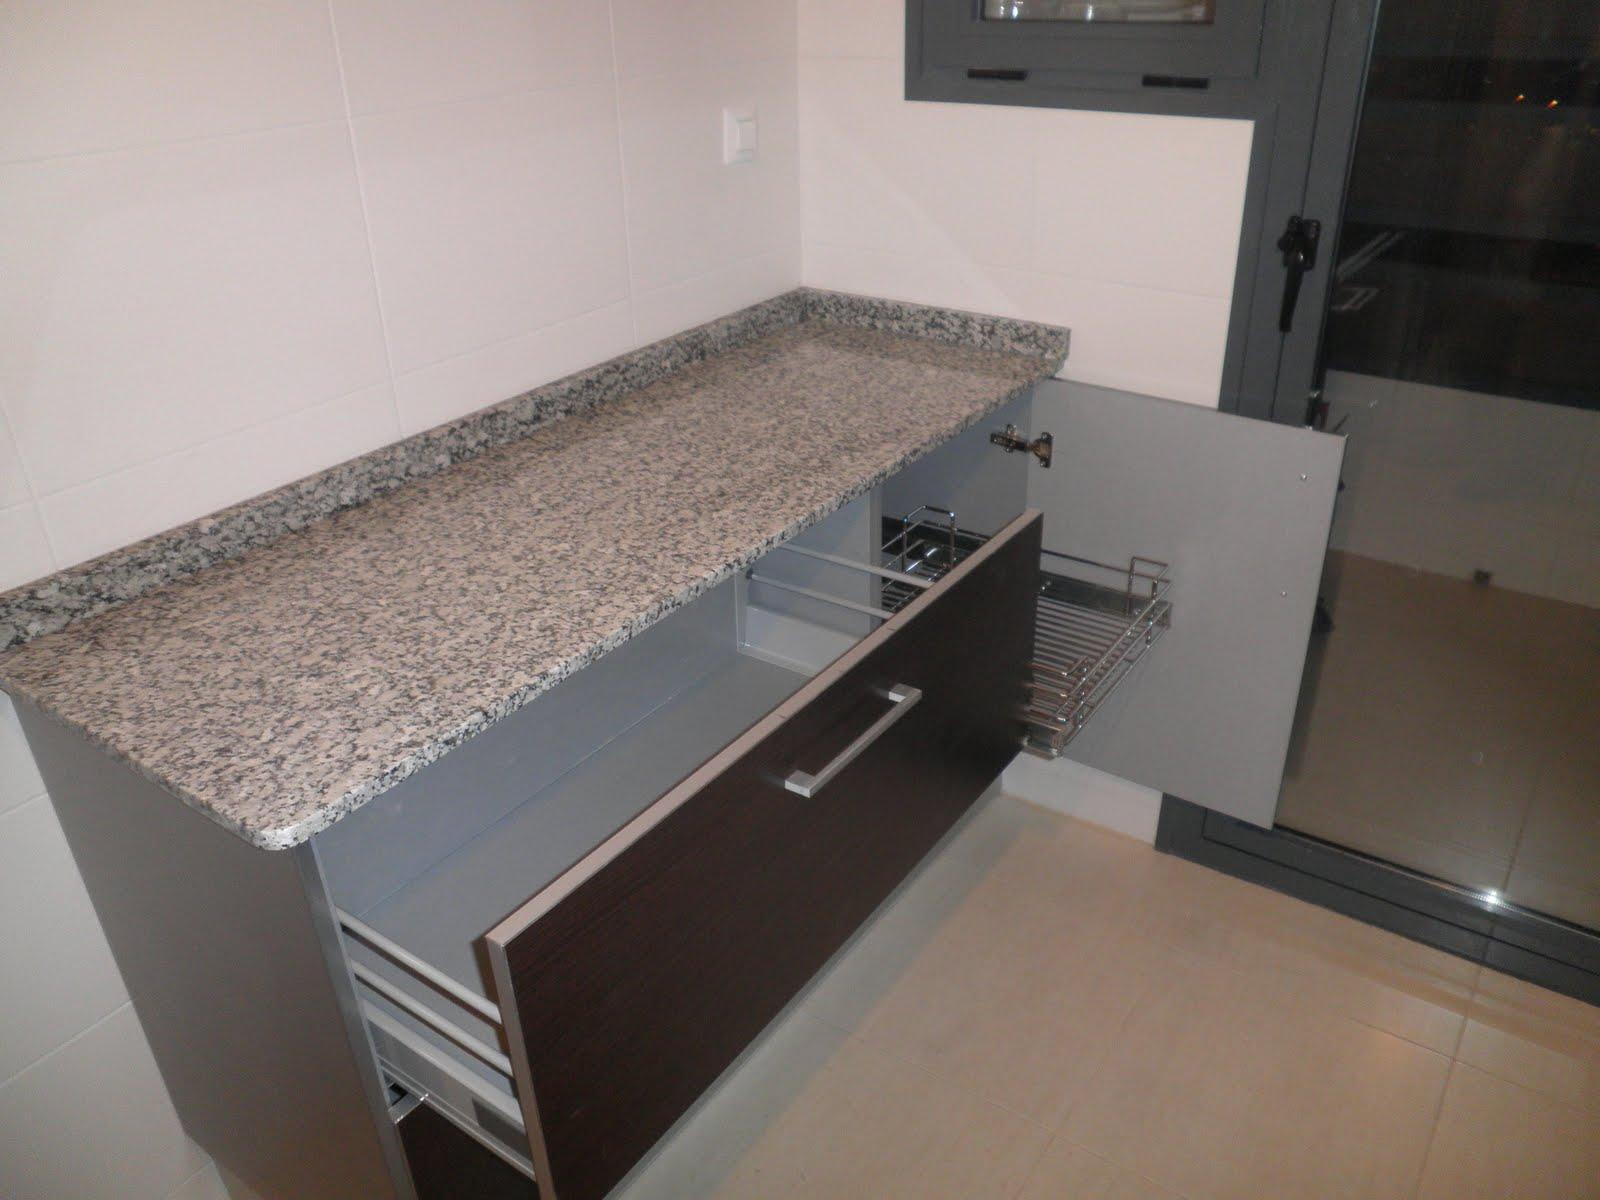 Decoraciones sahuquillo mueble de cocina wengue y aluminio for Muebles de oficina color wengue